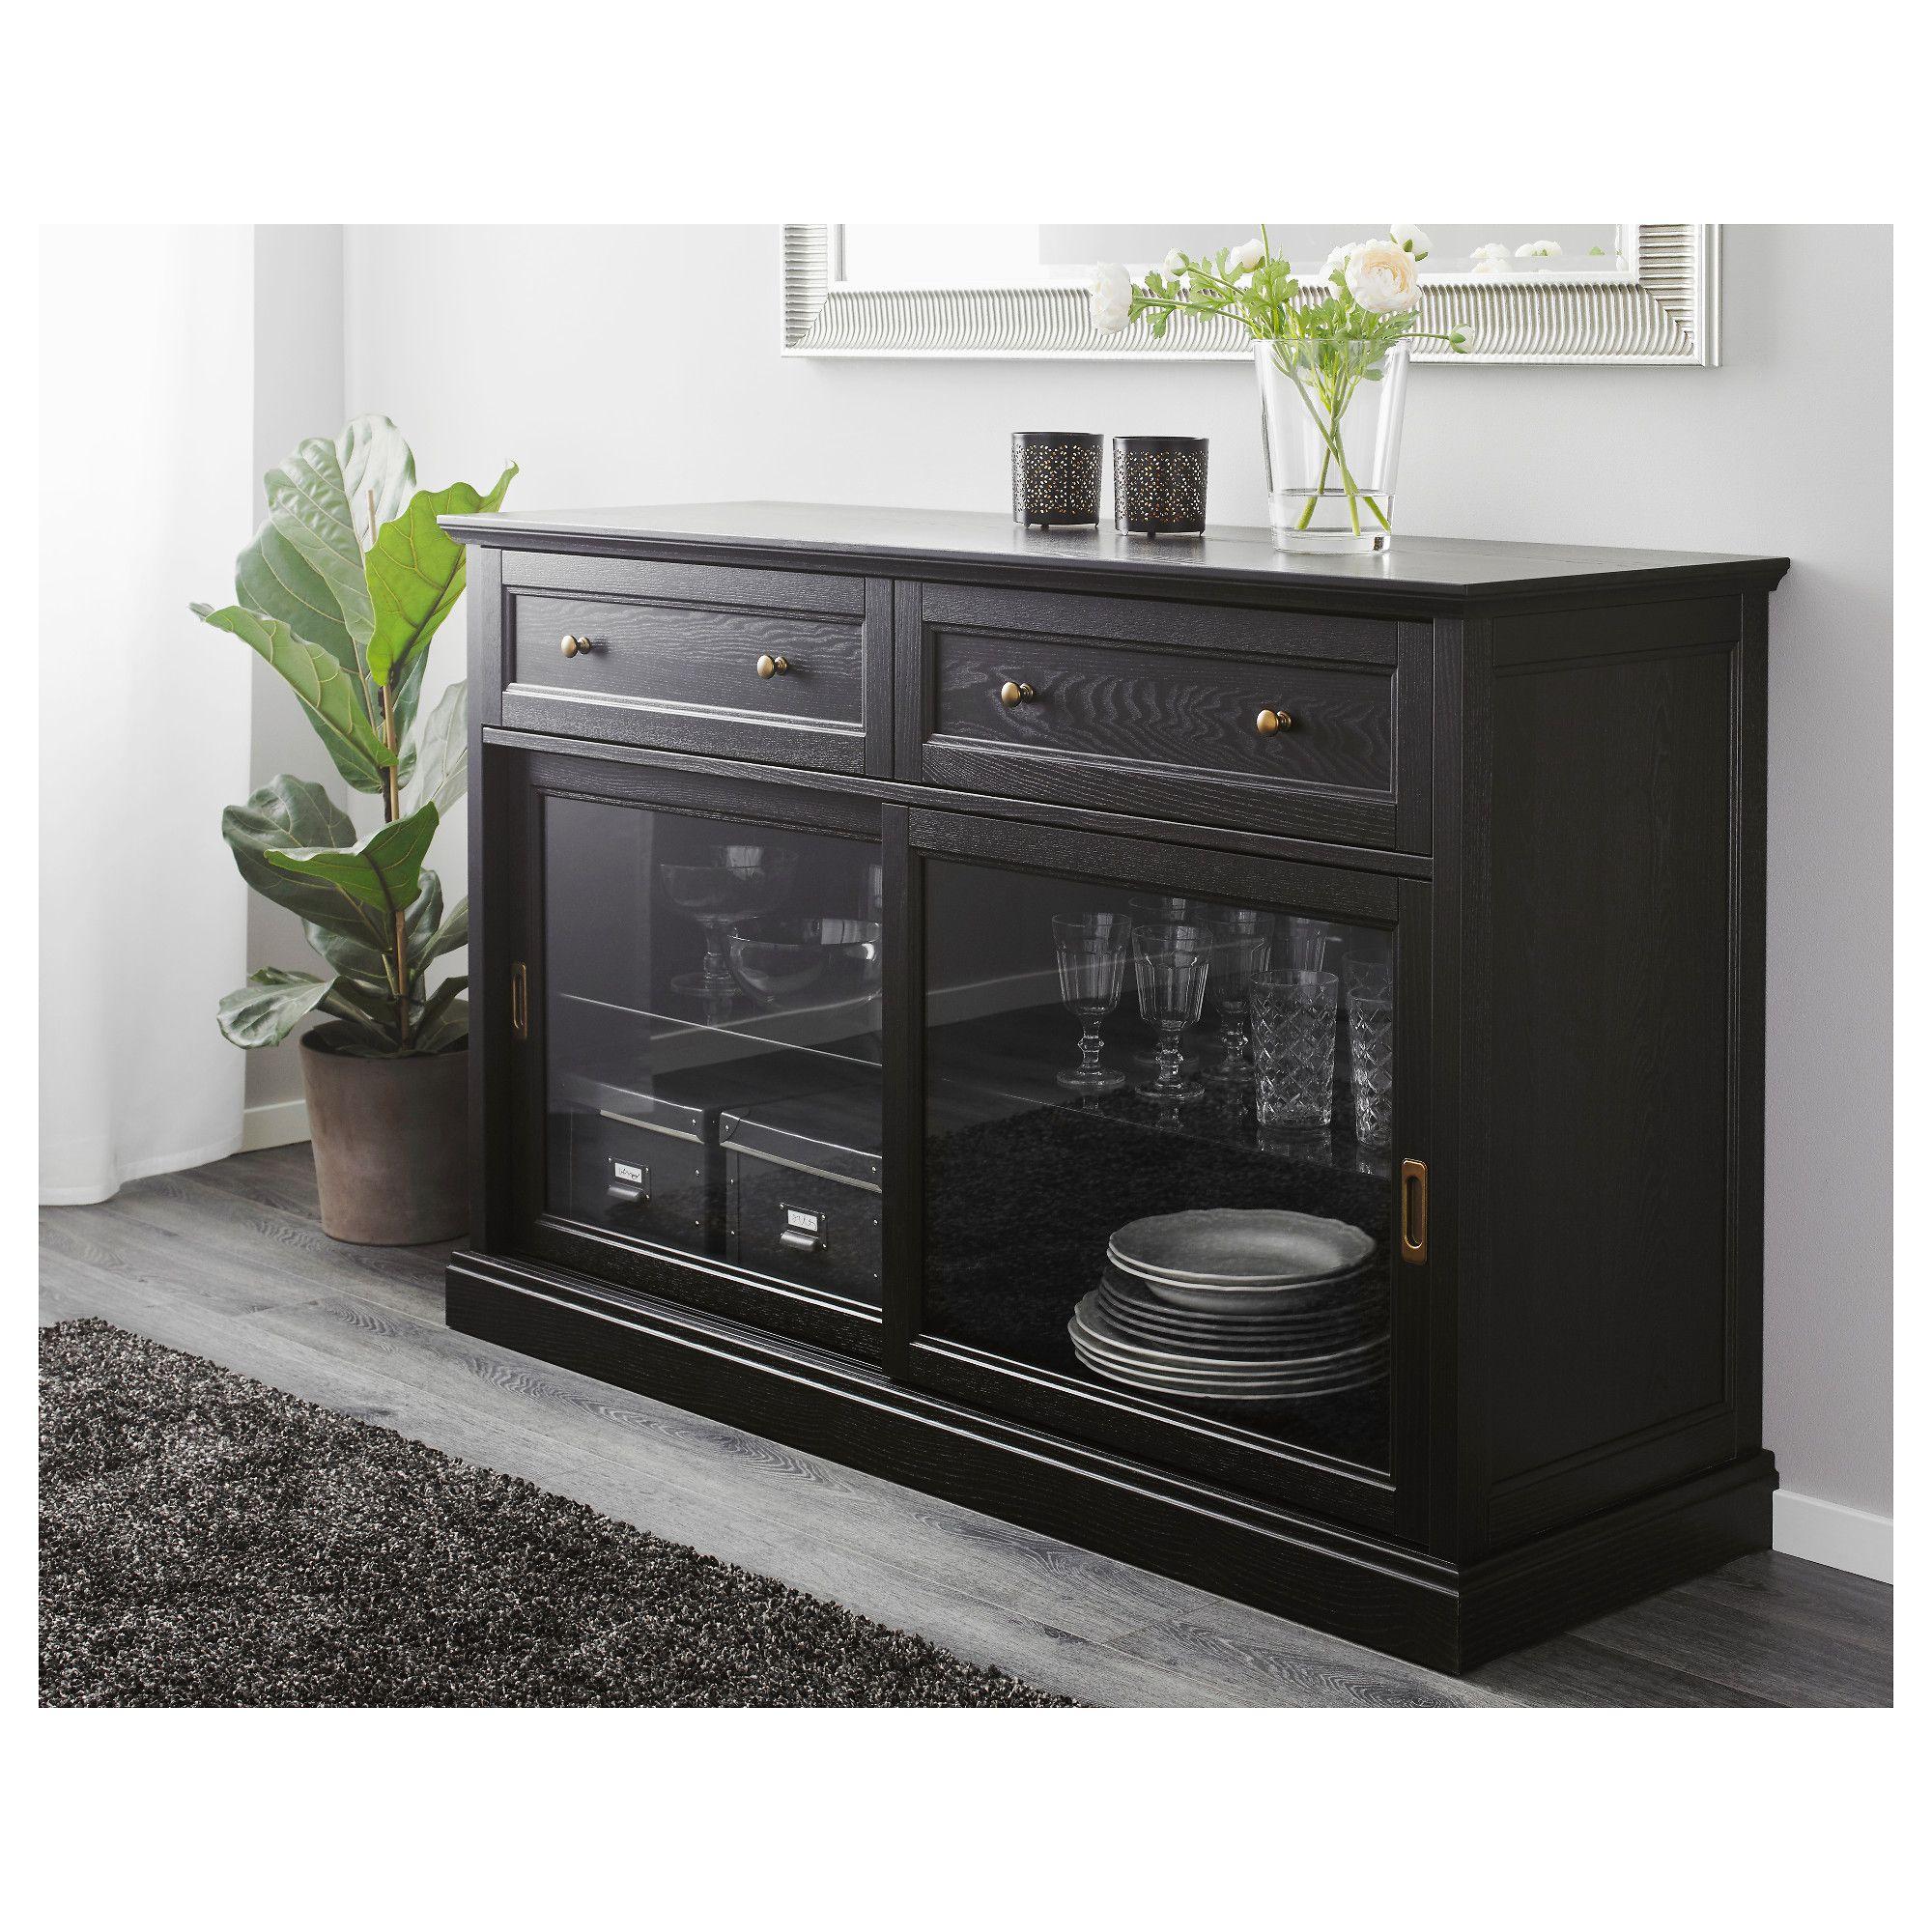 malsj sideboard black stained tv unit schrank. Black Bedroom Furniture Sets. Home Design Ideas